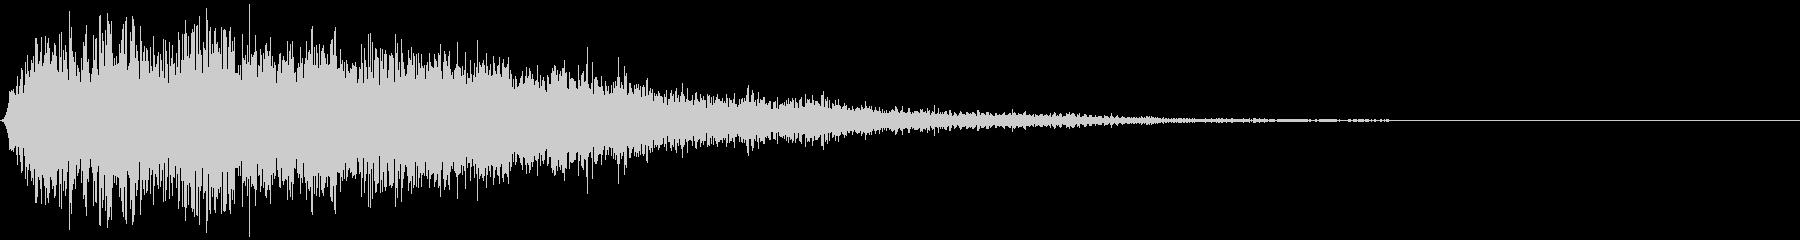 ホラー系のインパクト音_ブワーンッ・・・の未再生の波形